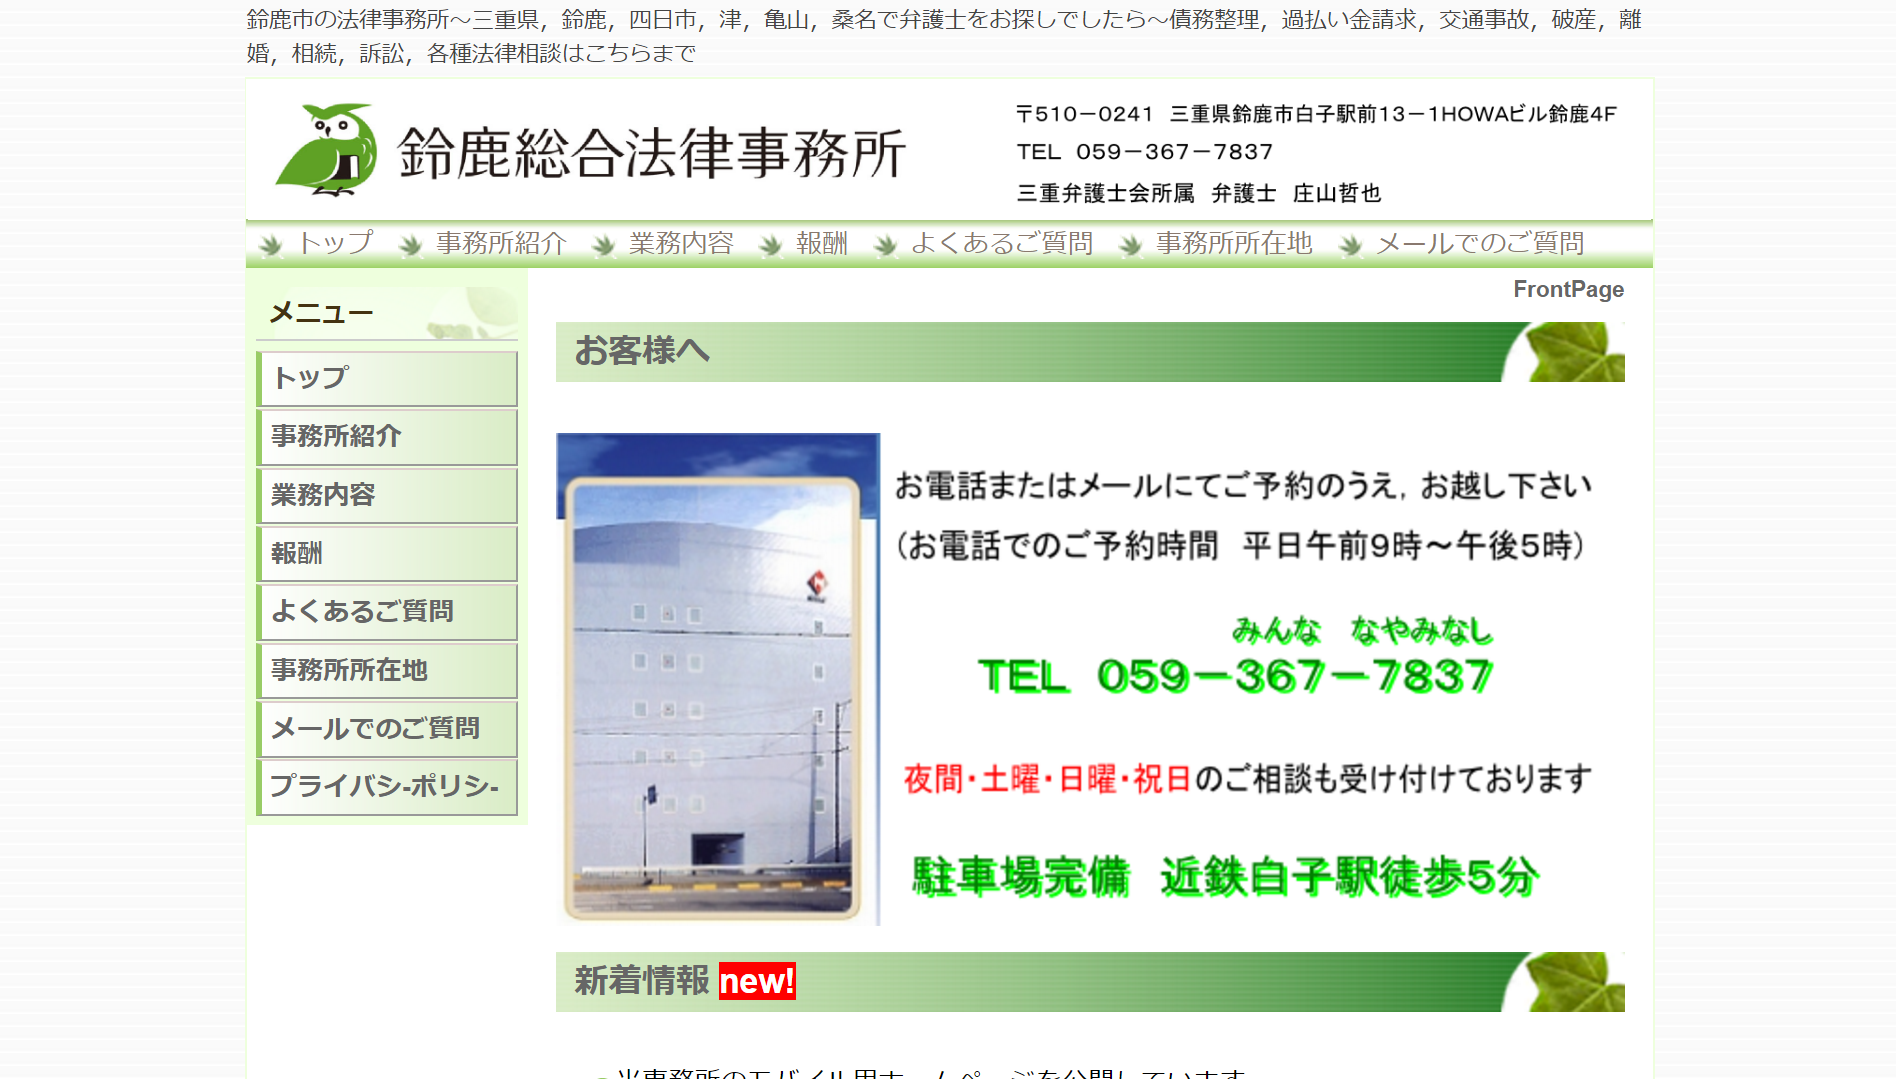 鈴鹿総合法律事務所(三重県鈴鹿市白子駅前)